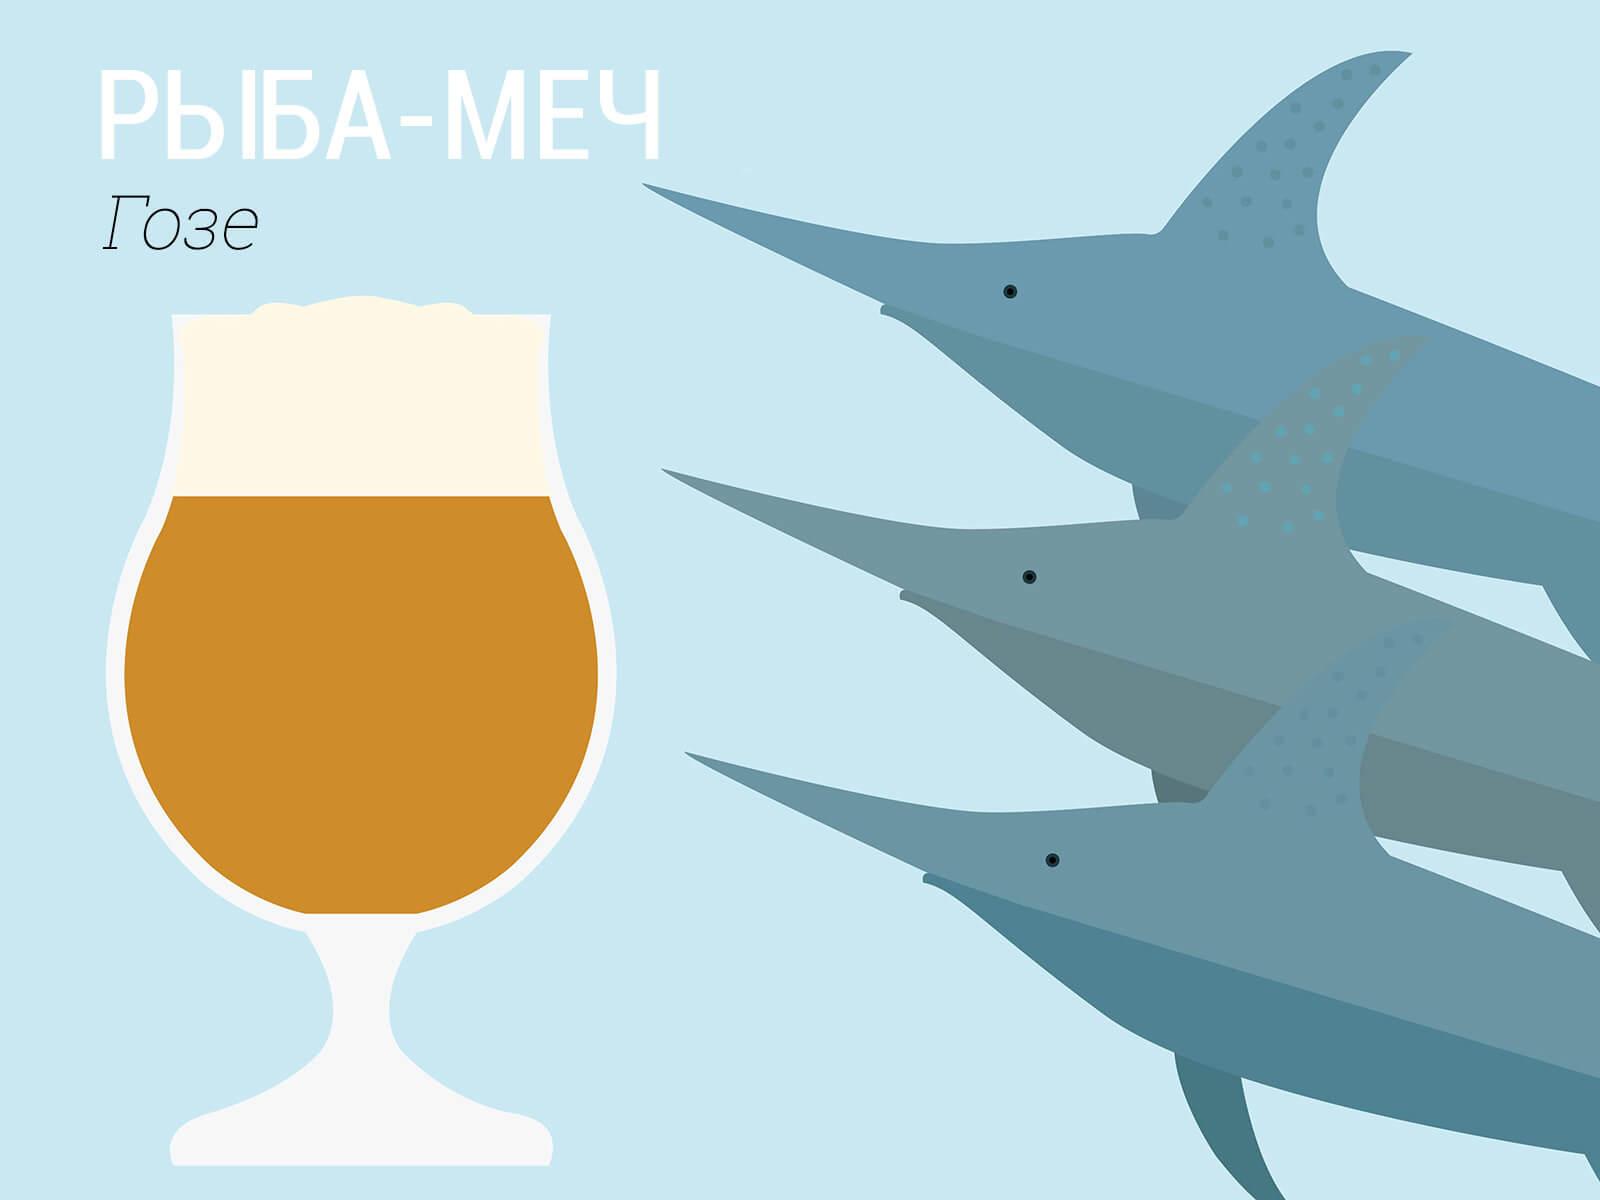 Рыба-меч и гозе